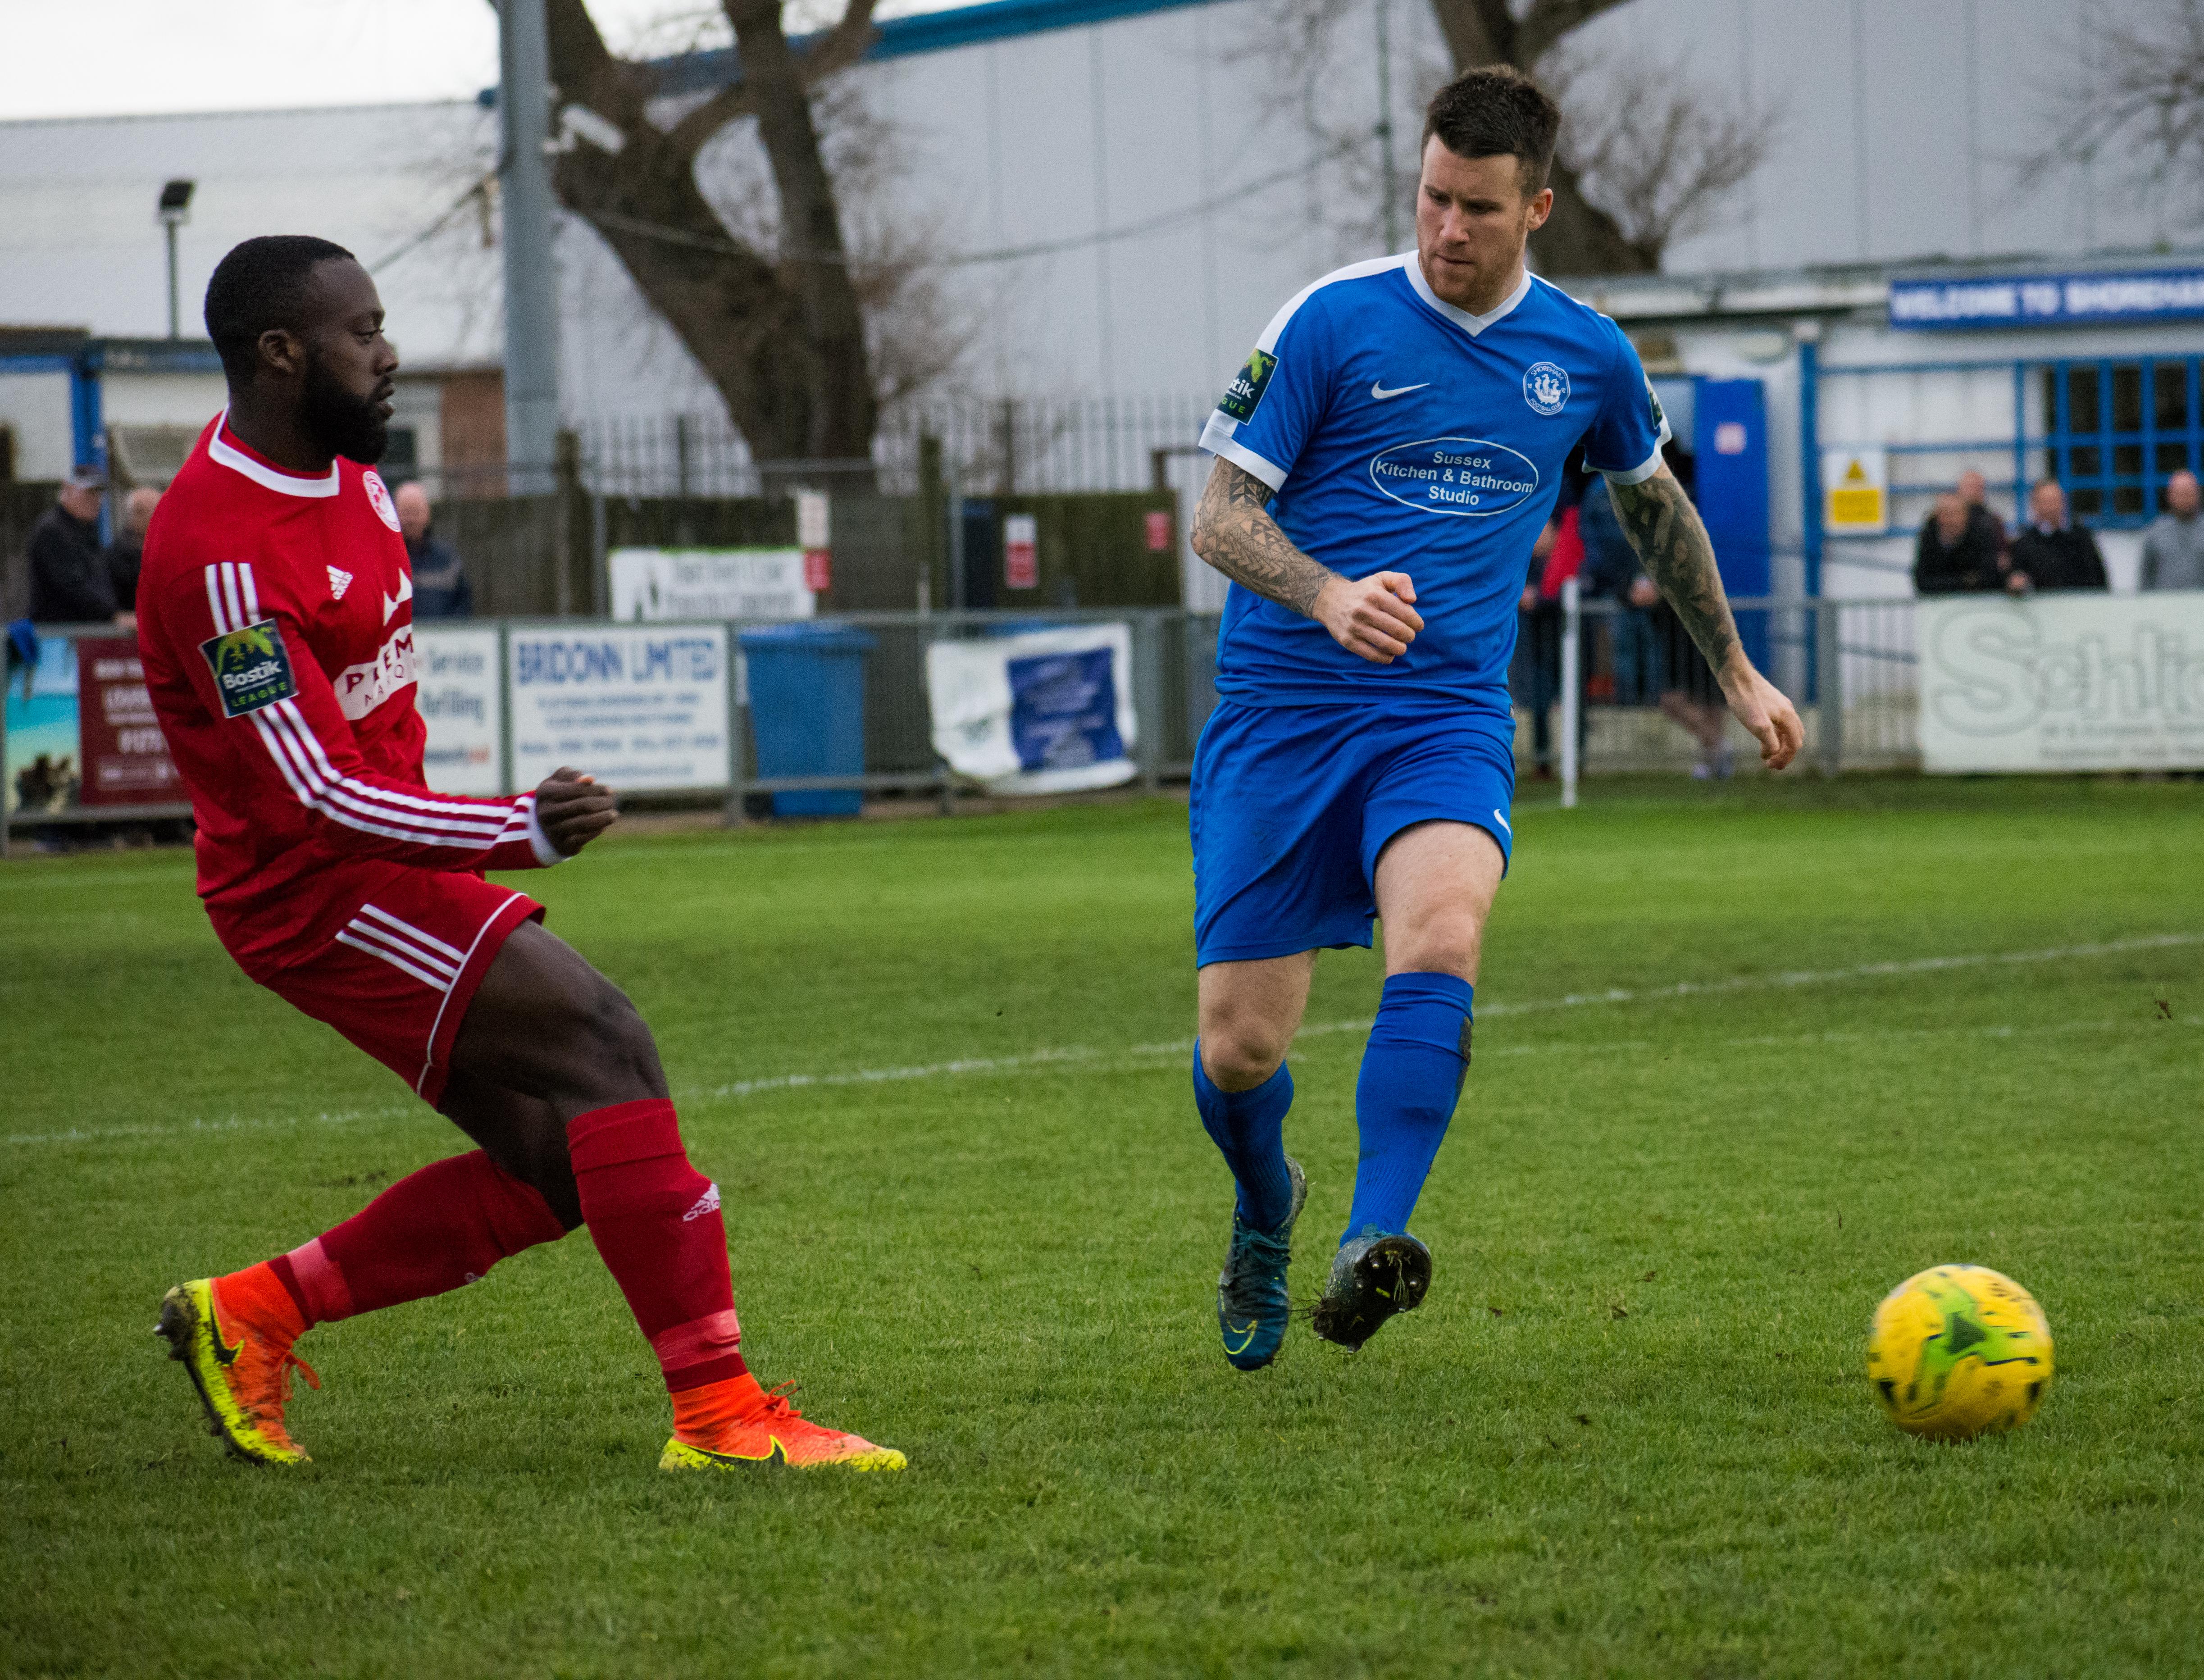 Shoreham FC vs Hythe Town 11.11.17 30